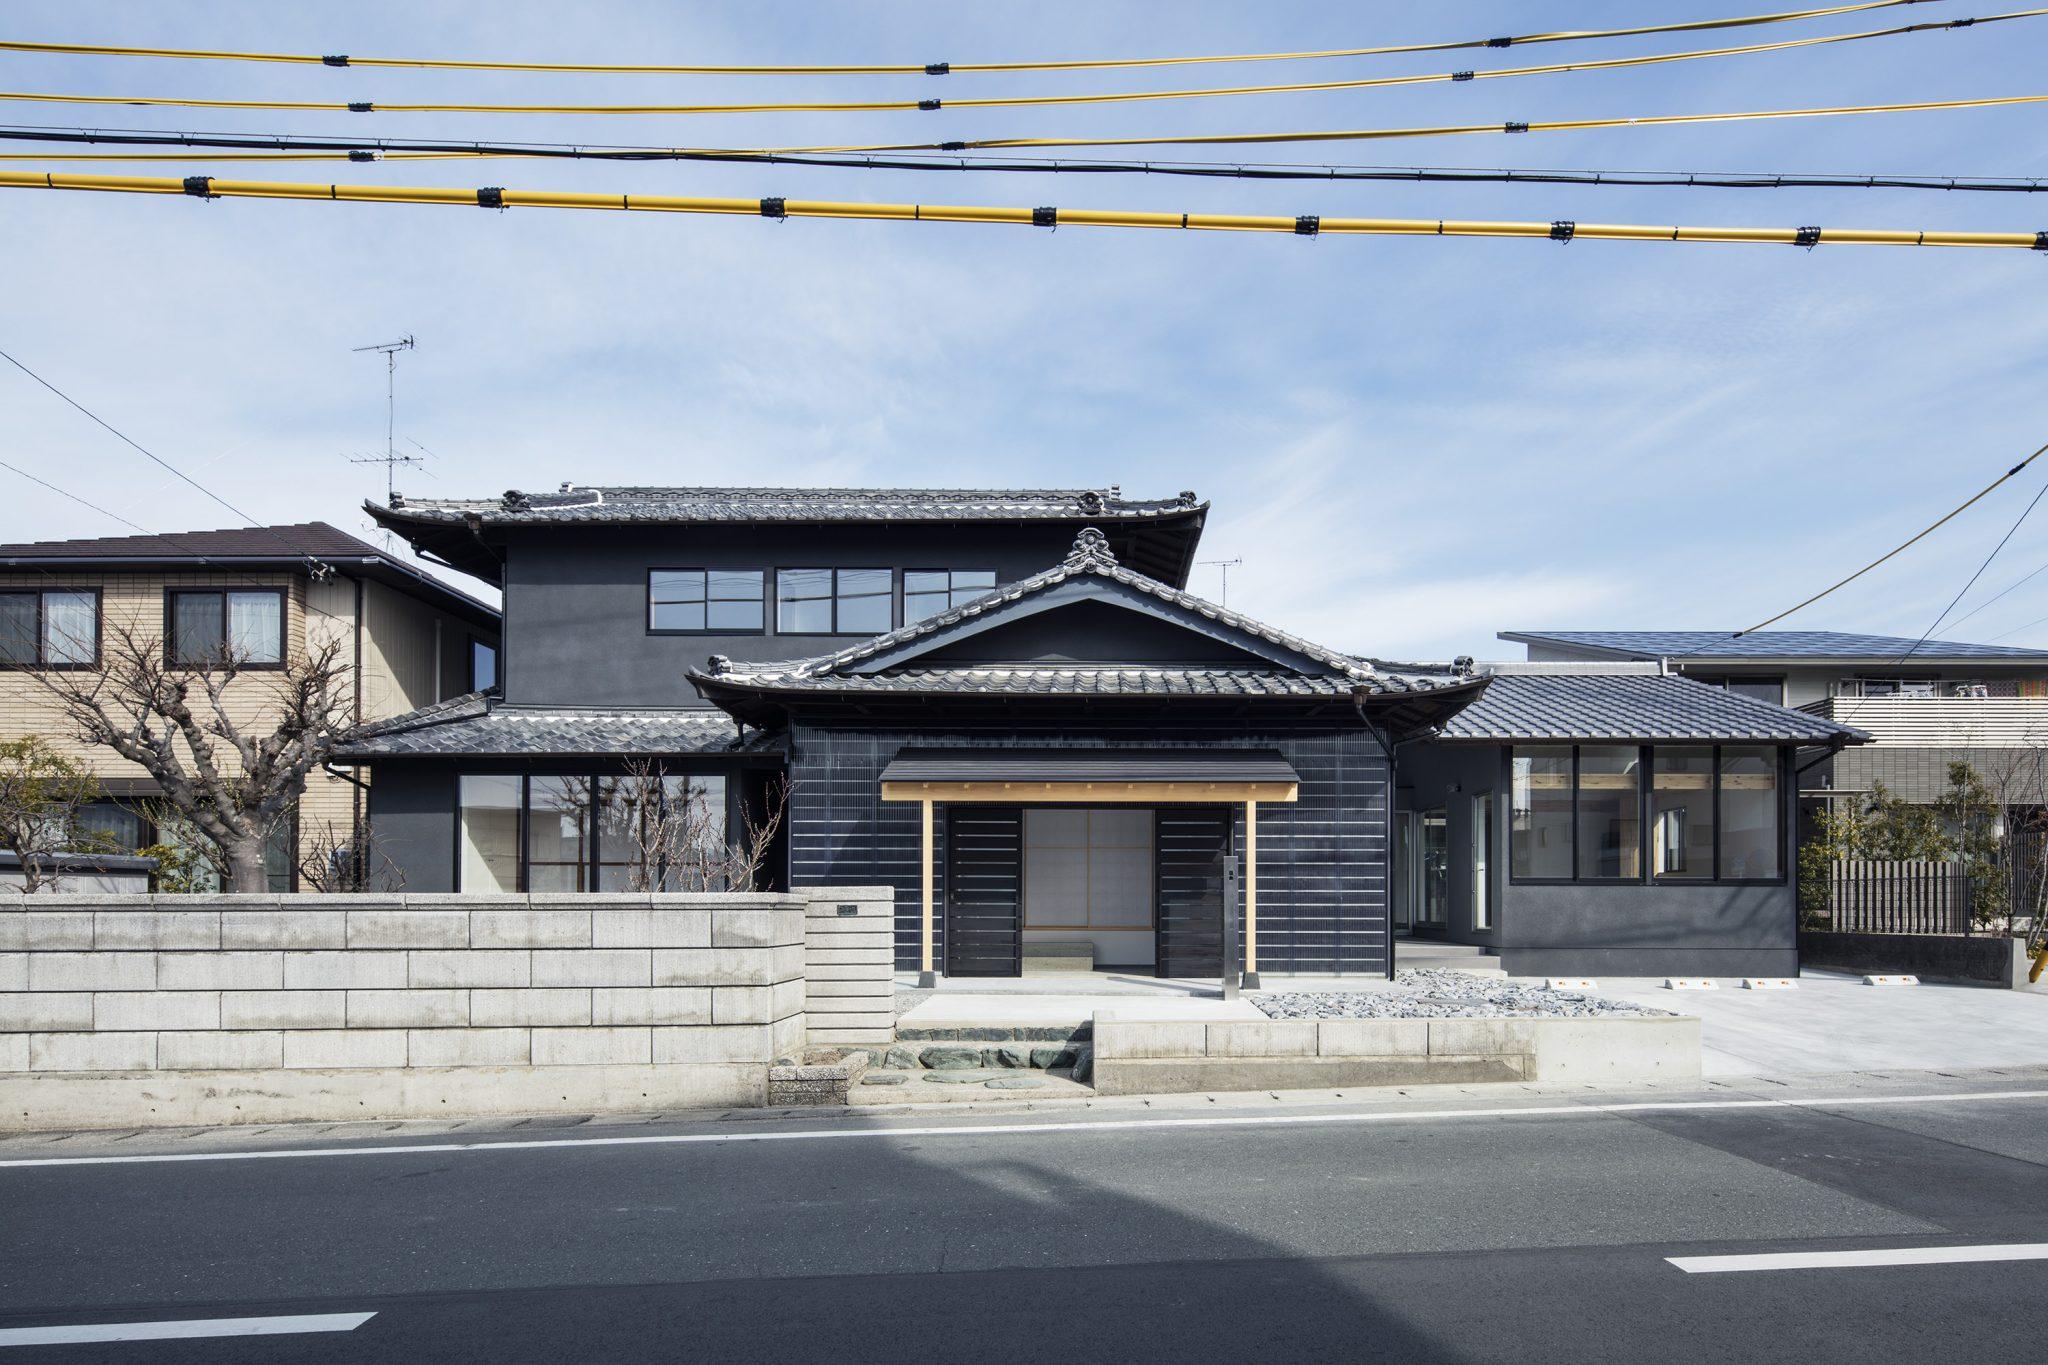 御殿の住宅 -リノベーション-|Residence in Goten by the renovation-180228_0030